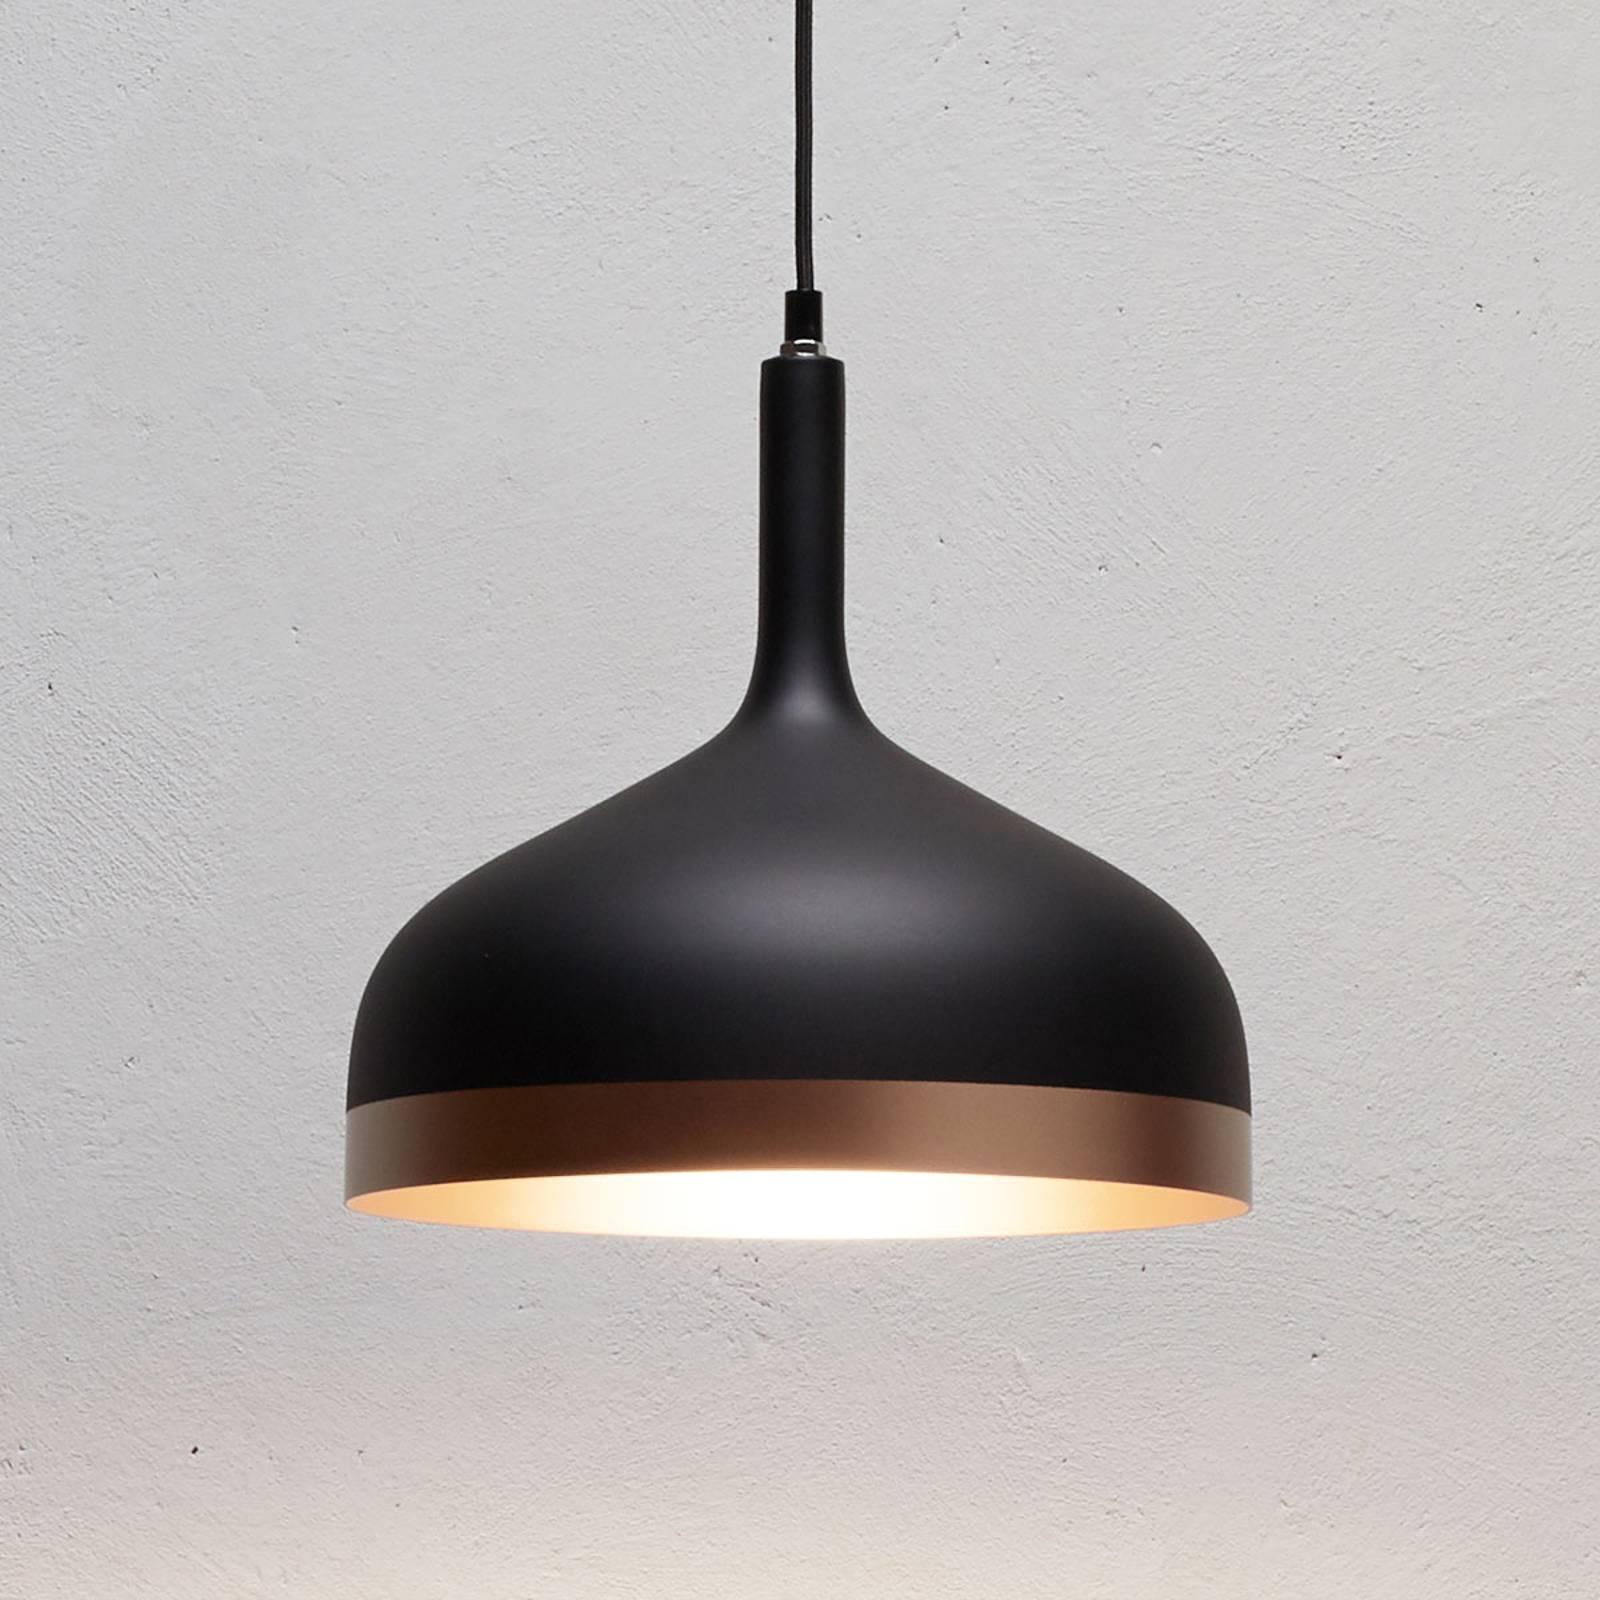 Nowoczesna lampa wisząca Embla w kolorze czarnym